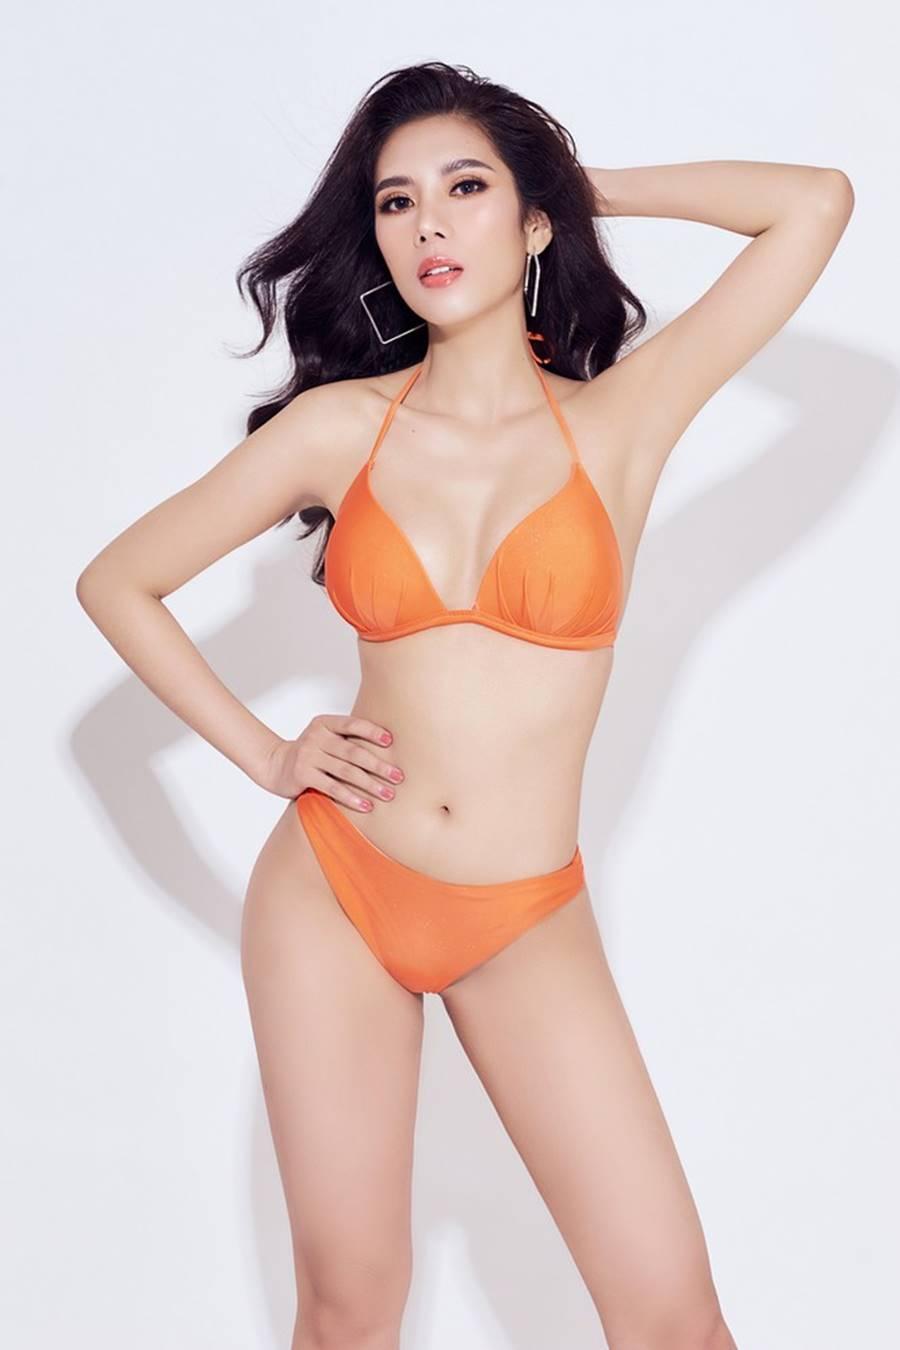 Đại diện Việt Nam tại Hoa hậu Du lịch thế giới 2019 nóng bỏng mắt với bikini-5